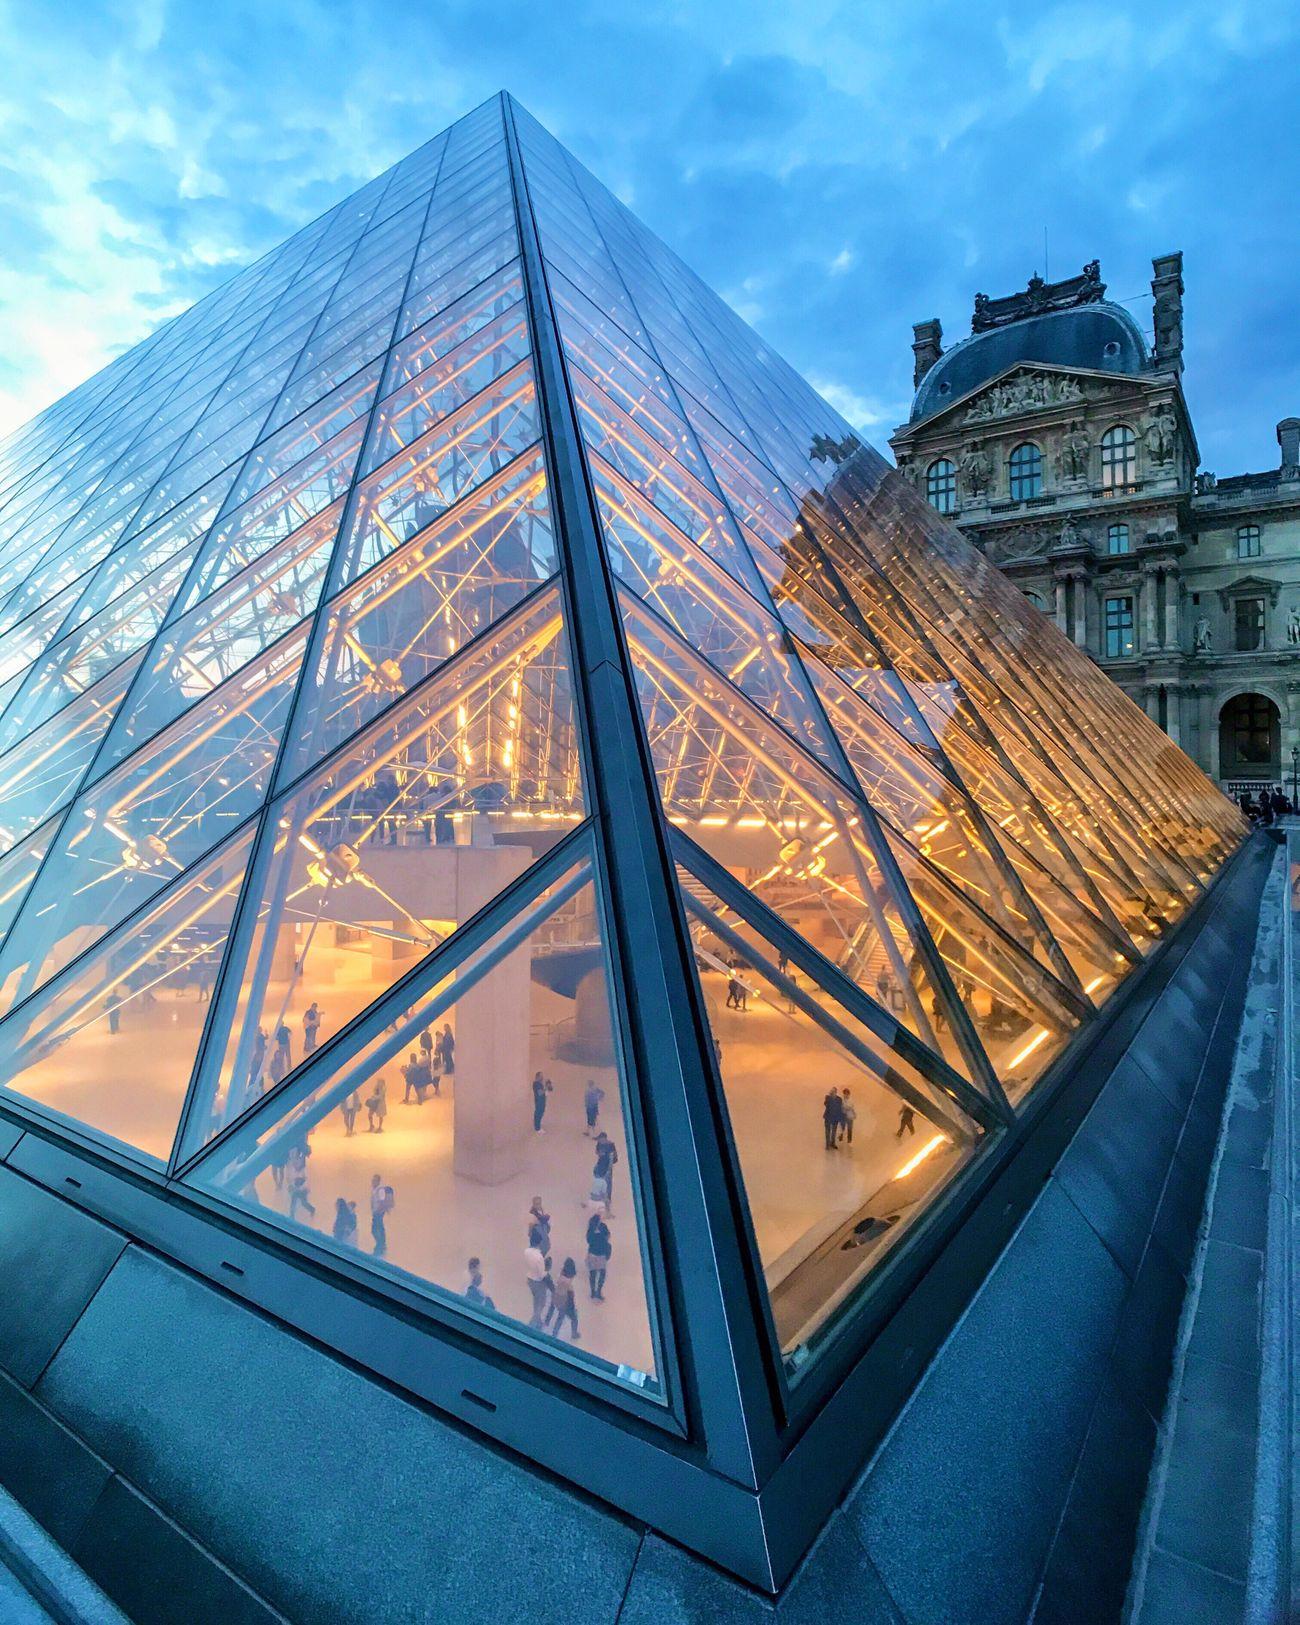 La nuit des musées! Which one did you visit? Architecture Louvre Travel Destinations Illuminated Paris EyeEm Best Shots Parisweloveyou Photooftheday Eyem Best Shot - Architecture Architecture Nuitdesmusees